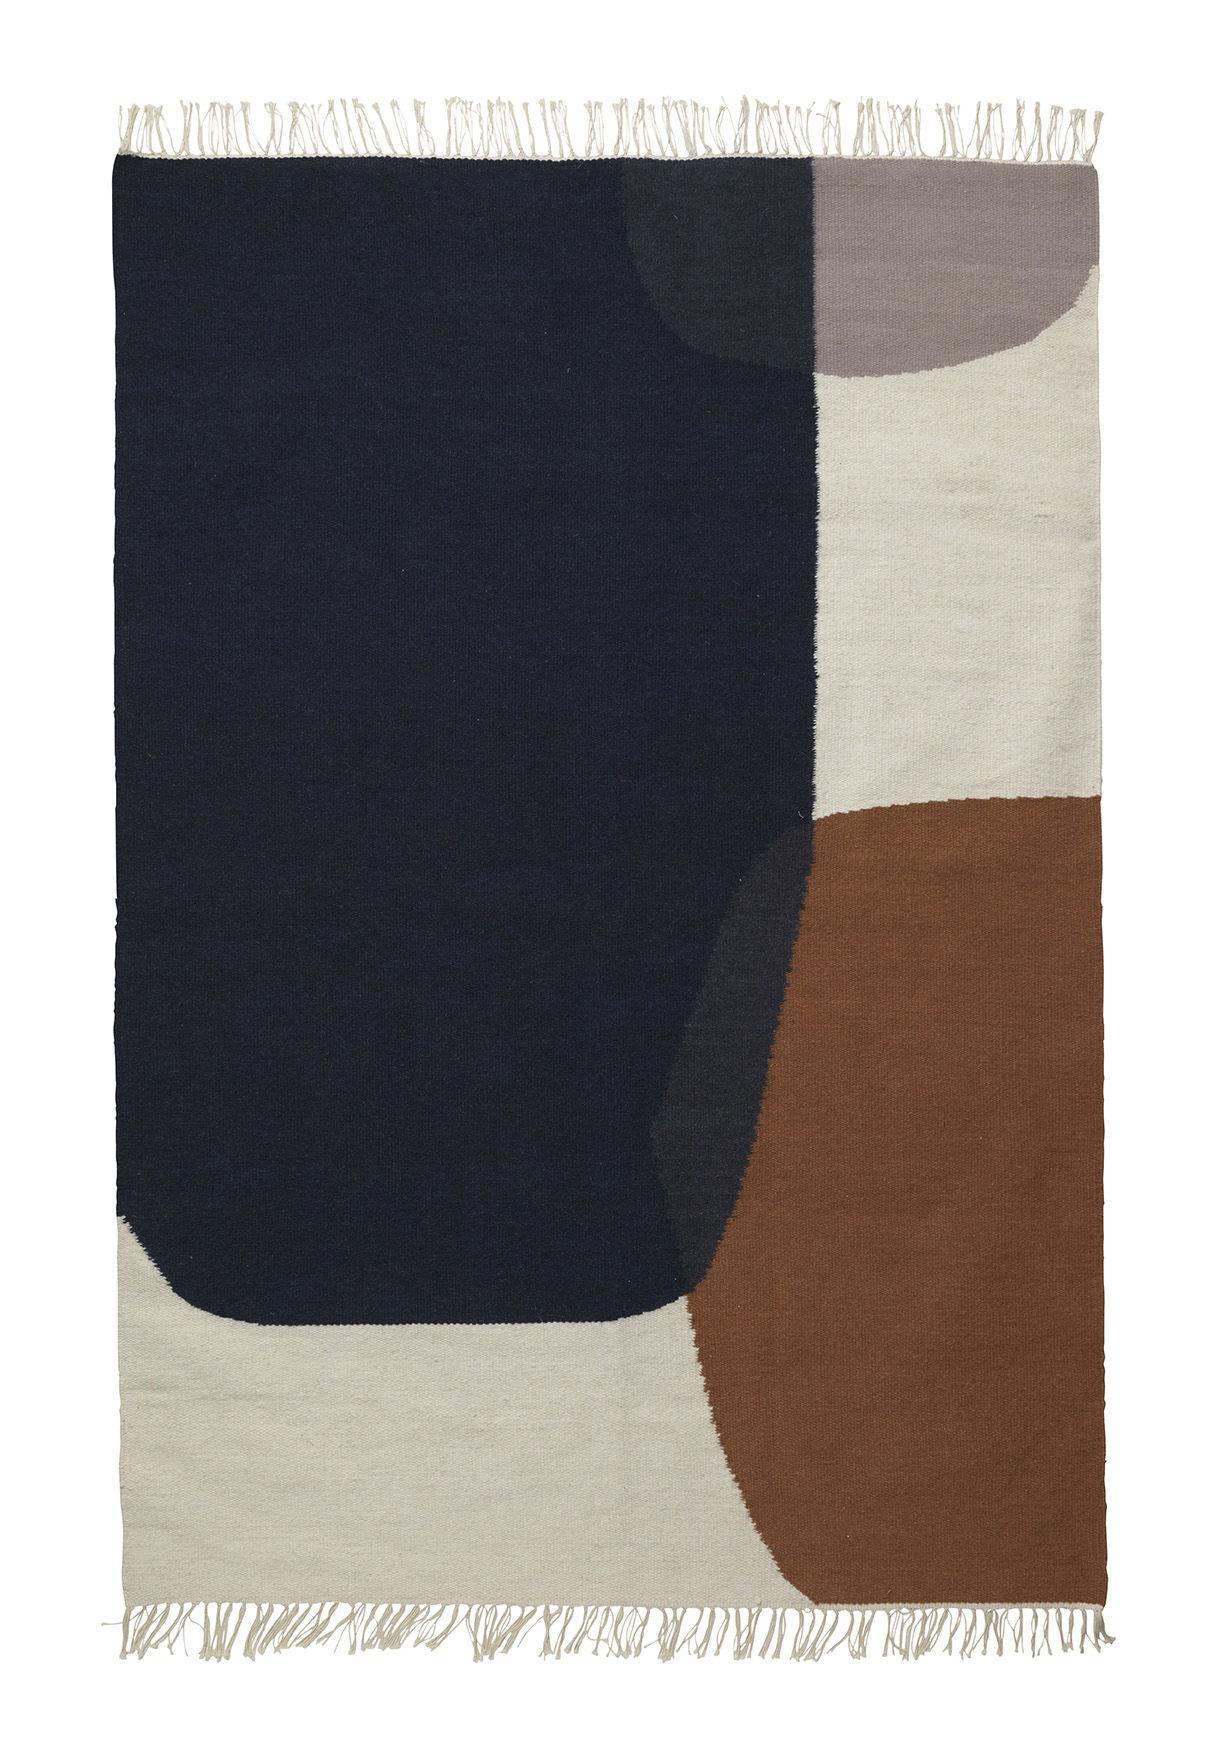 Déco - Tapis - Tapis Kelim Merge / Large - 140 x 200 cm - Ferm Living - 140 x 200 cm / Bleu & marron - Coton, Laine